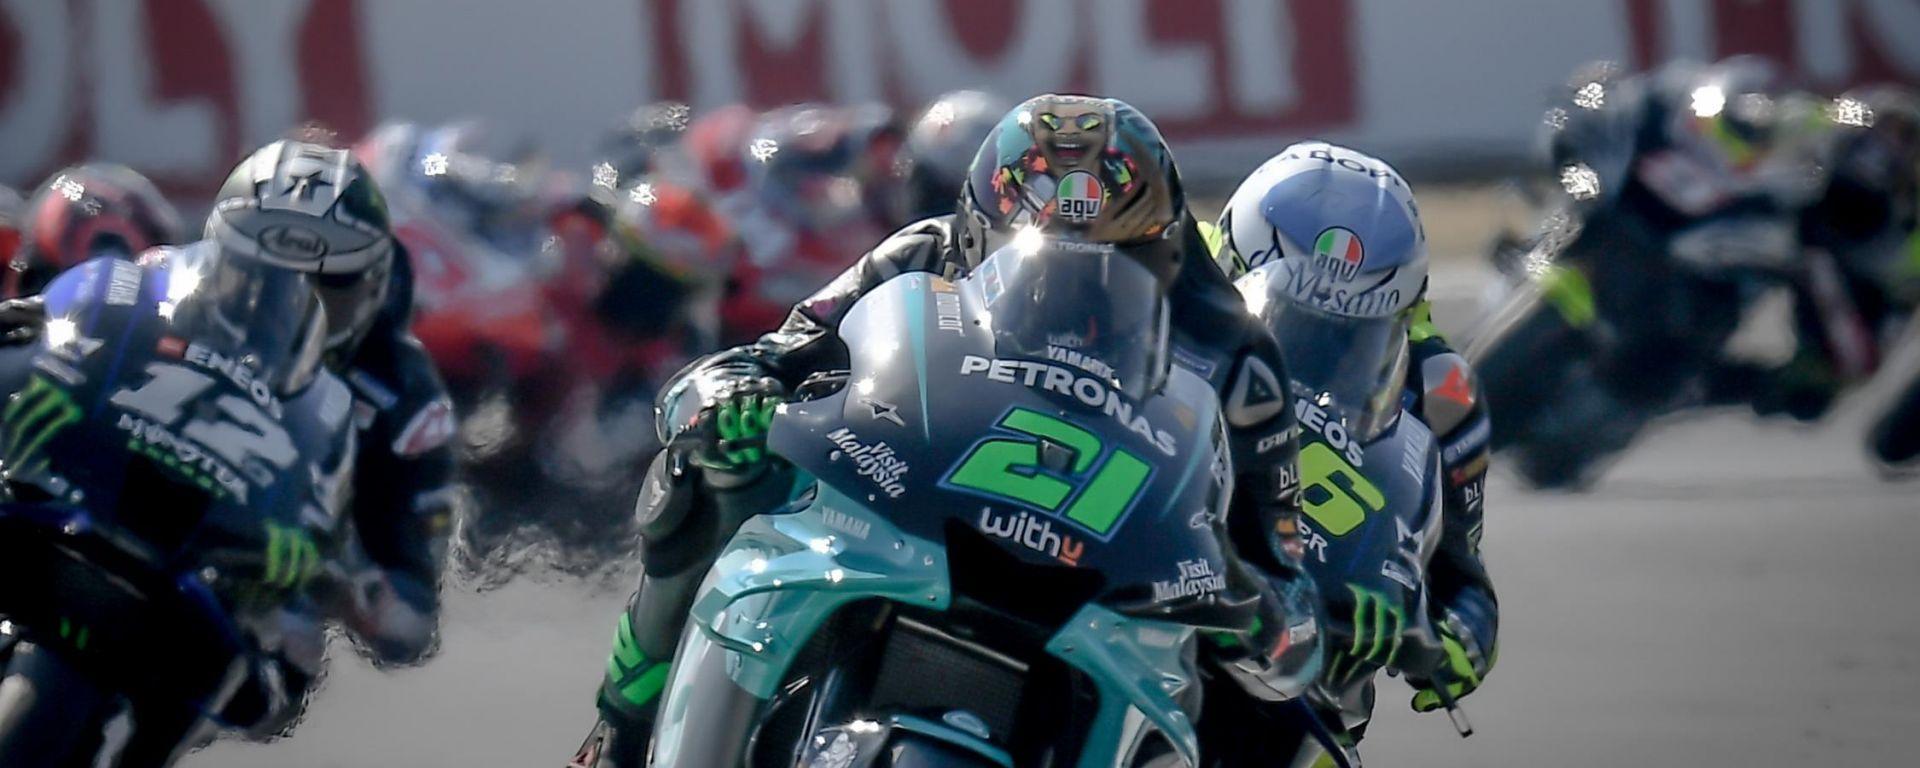 Il via del Gran Premio di San Marino e della Riviera di Rimini 2020 a Misano